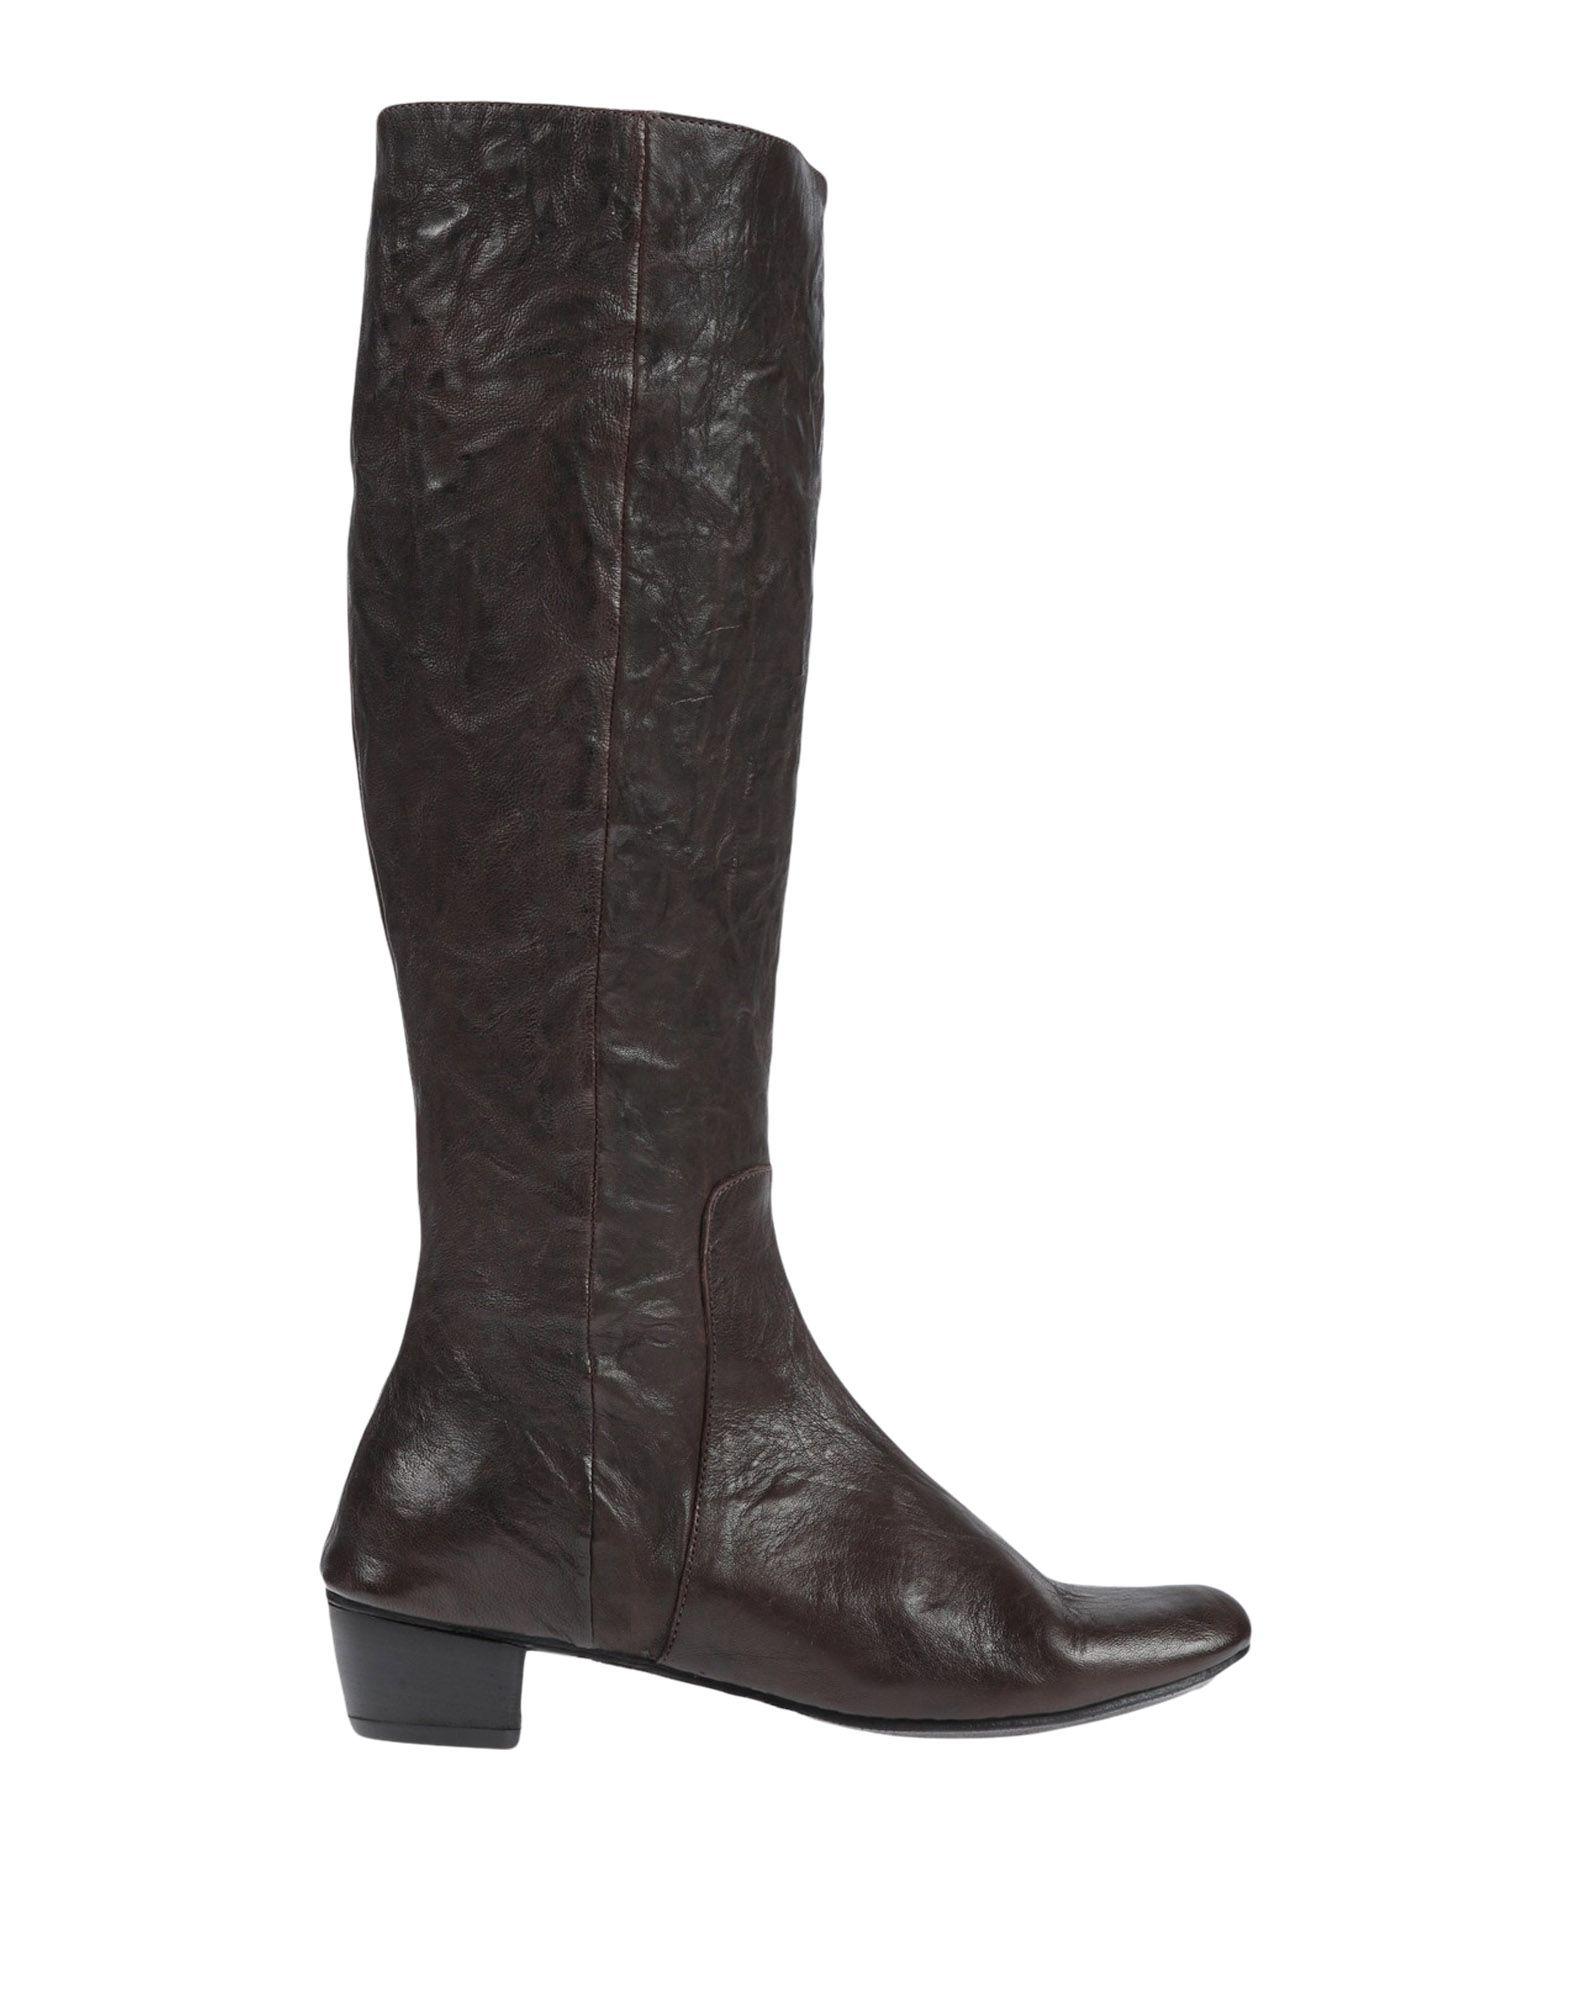 Stilvolle billige Stiefel Schuhe Kudetà Stiefel billige Damen  11540116GR 97f9de